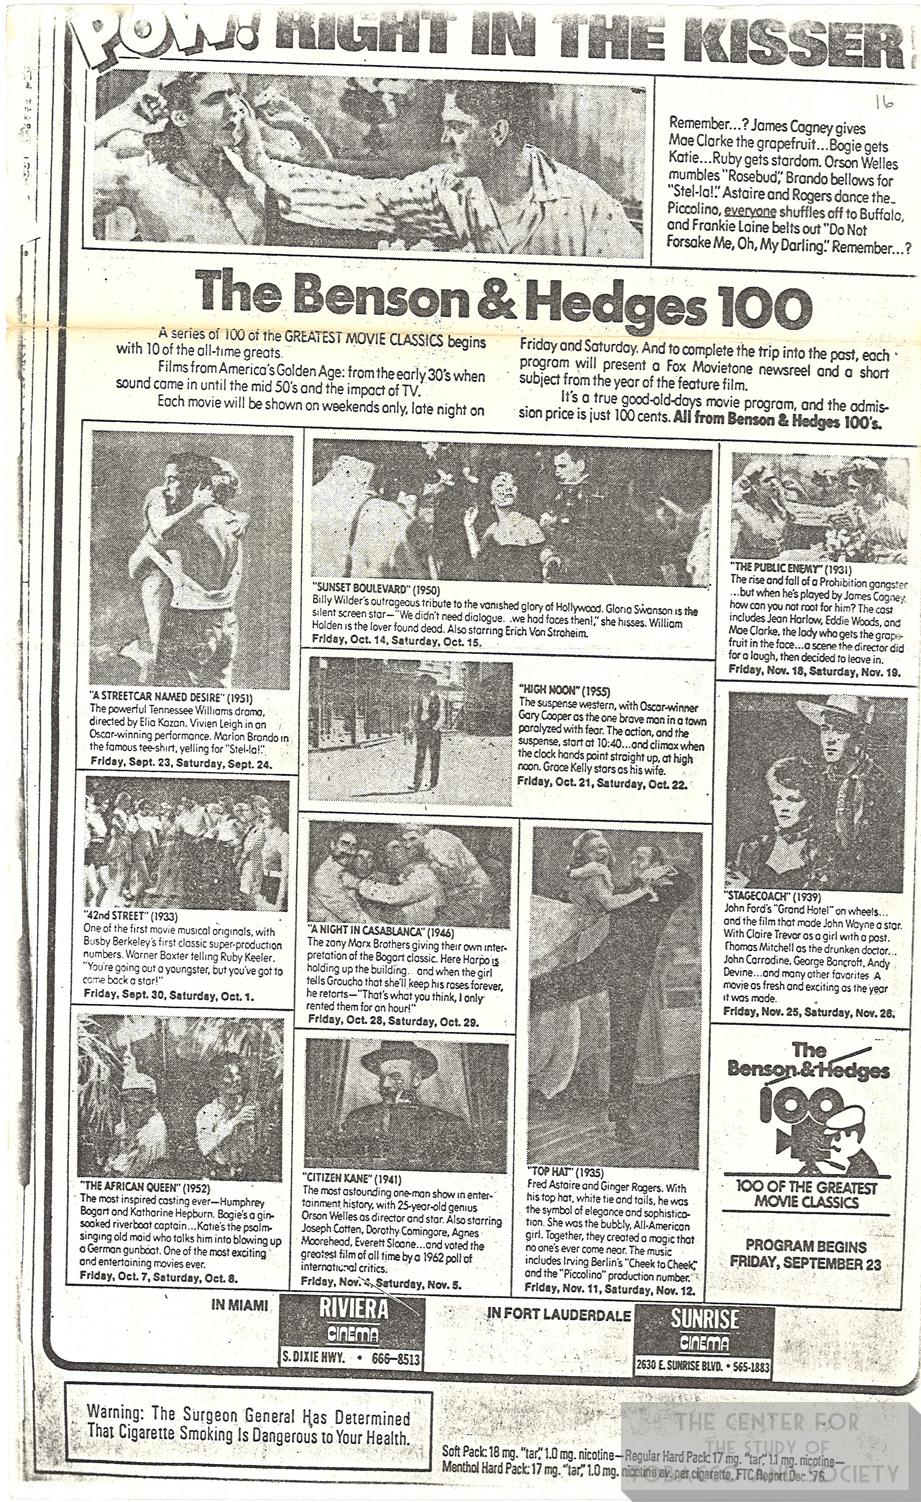 1977 Miami Herald BH Film Festival Ad